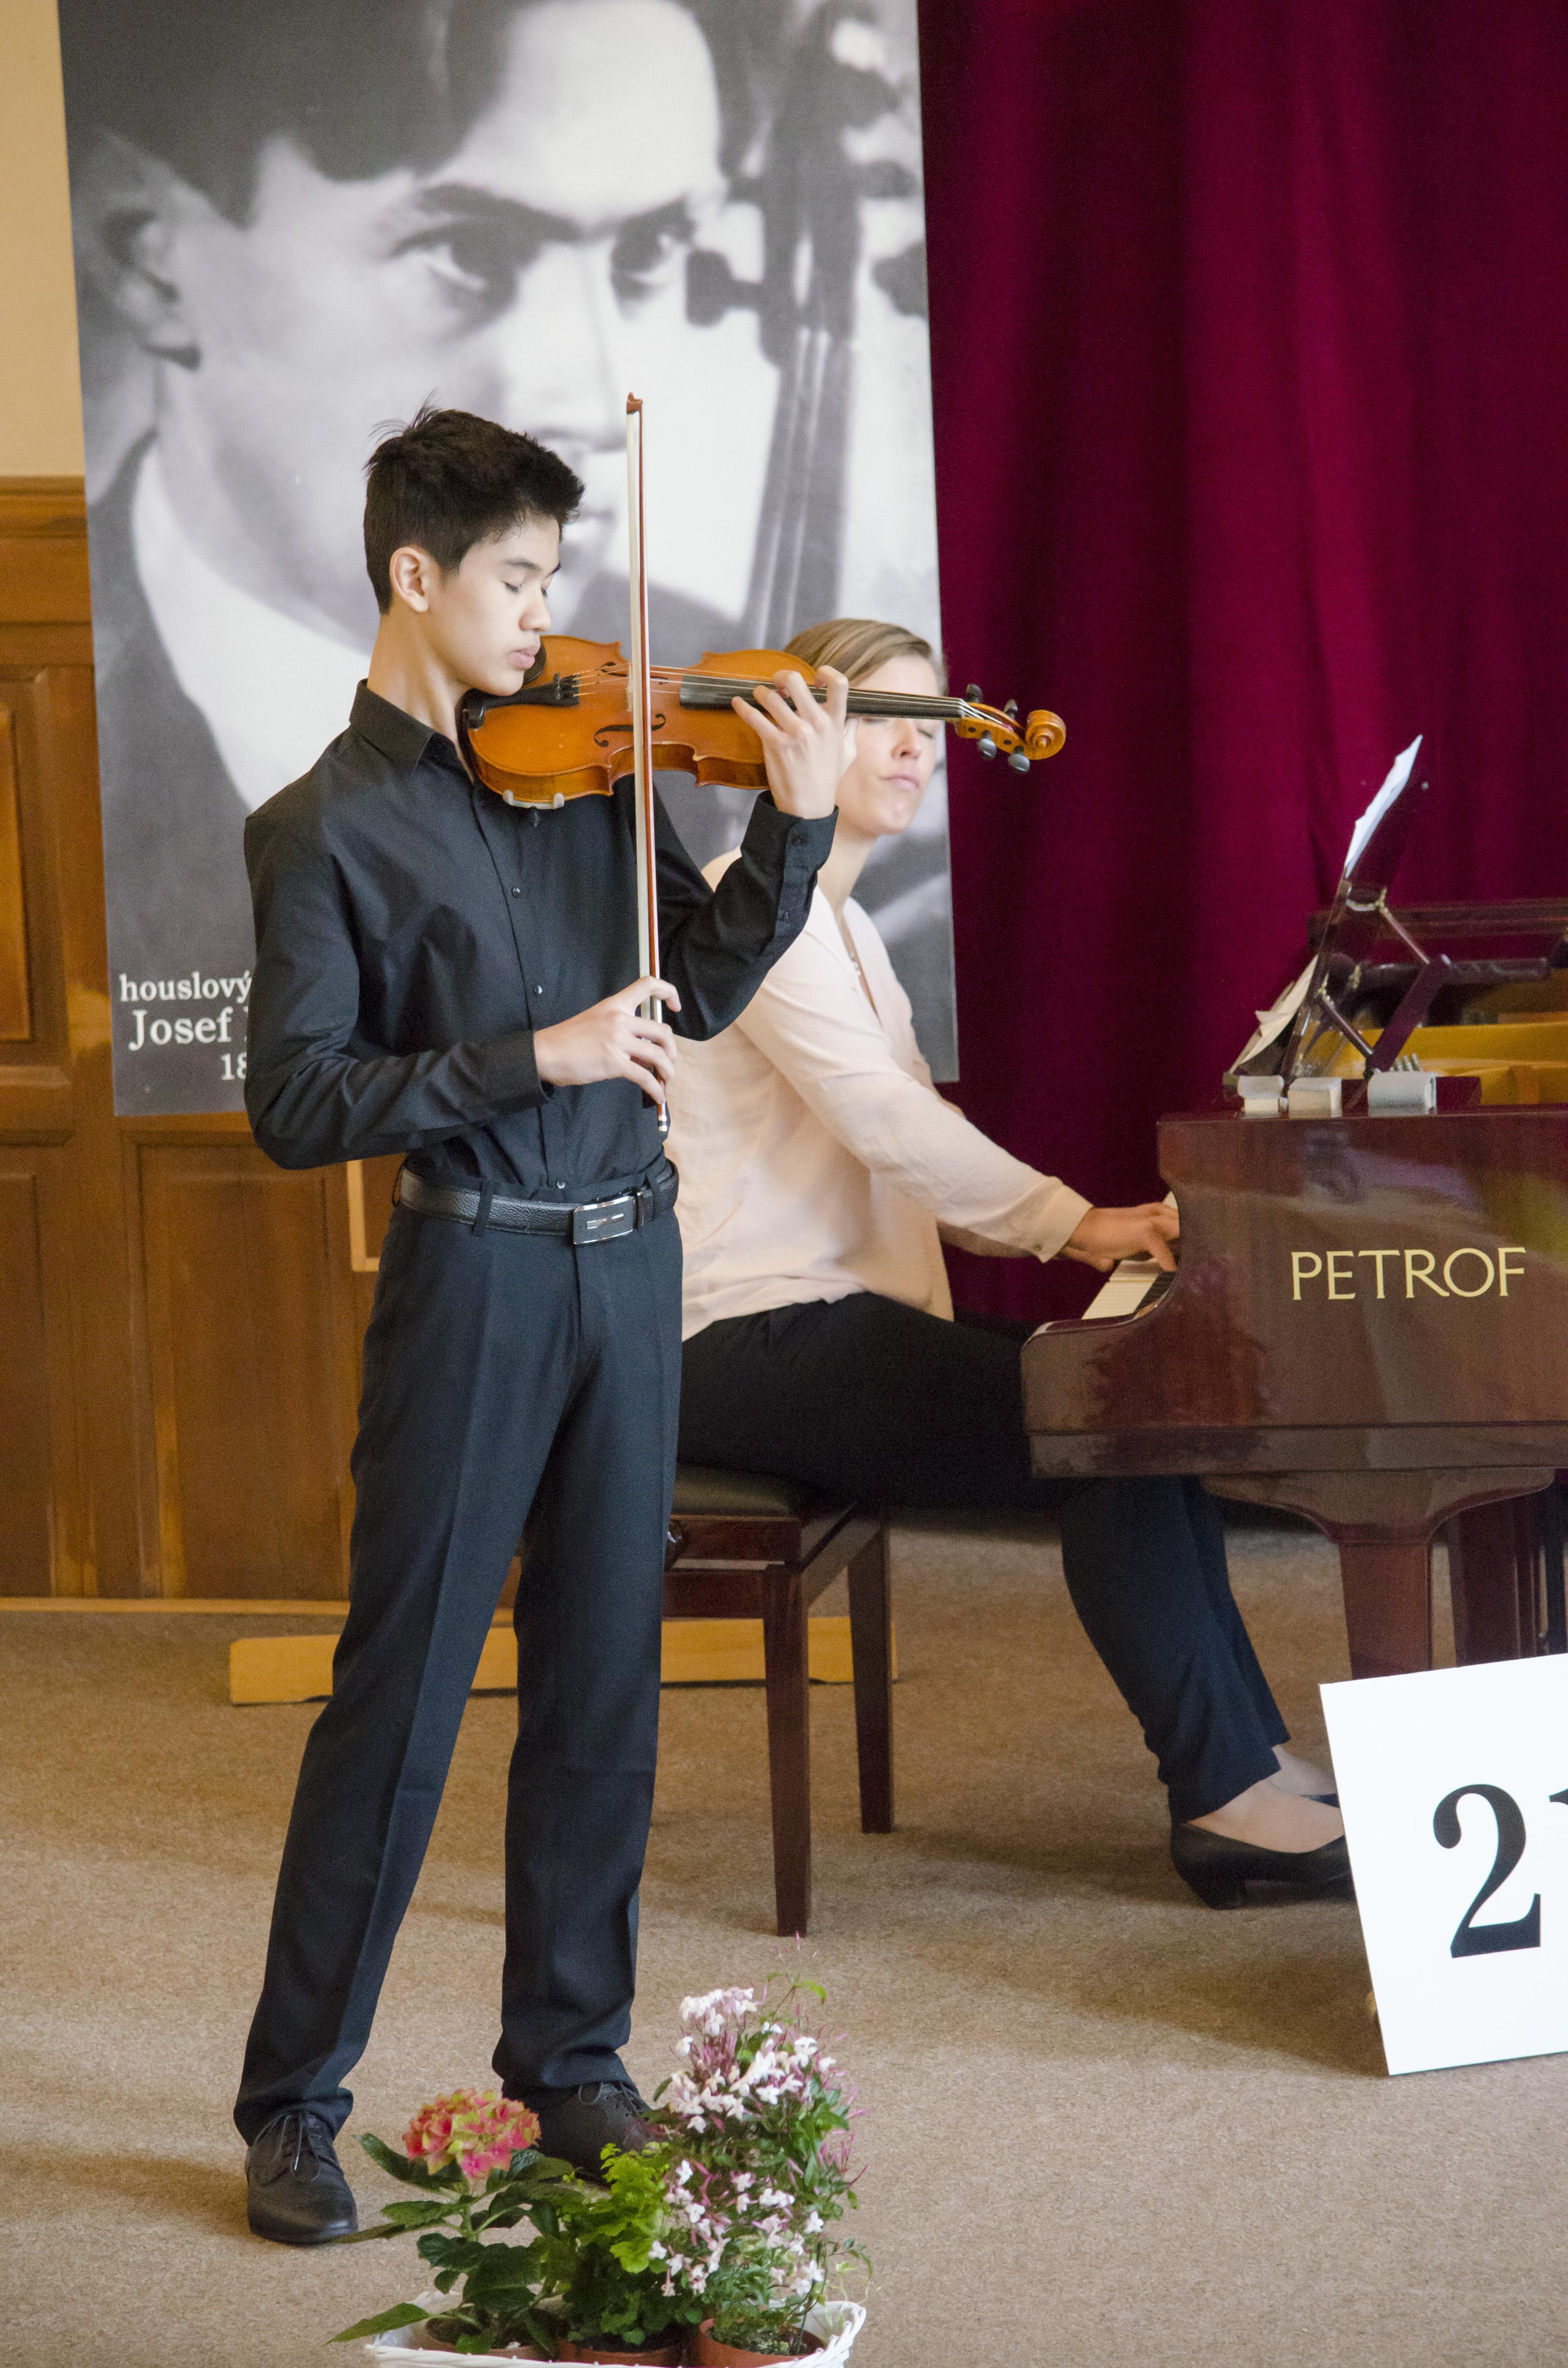 Houslová soutěž 2017 - IV. kategorie - Le Minh Hoang Long